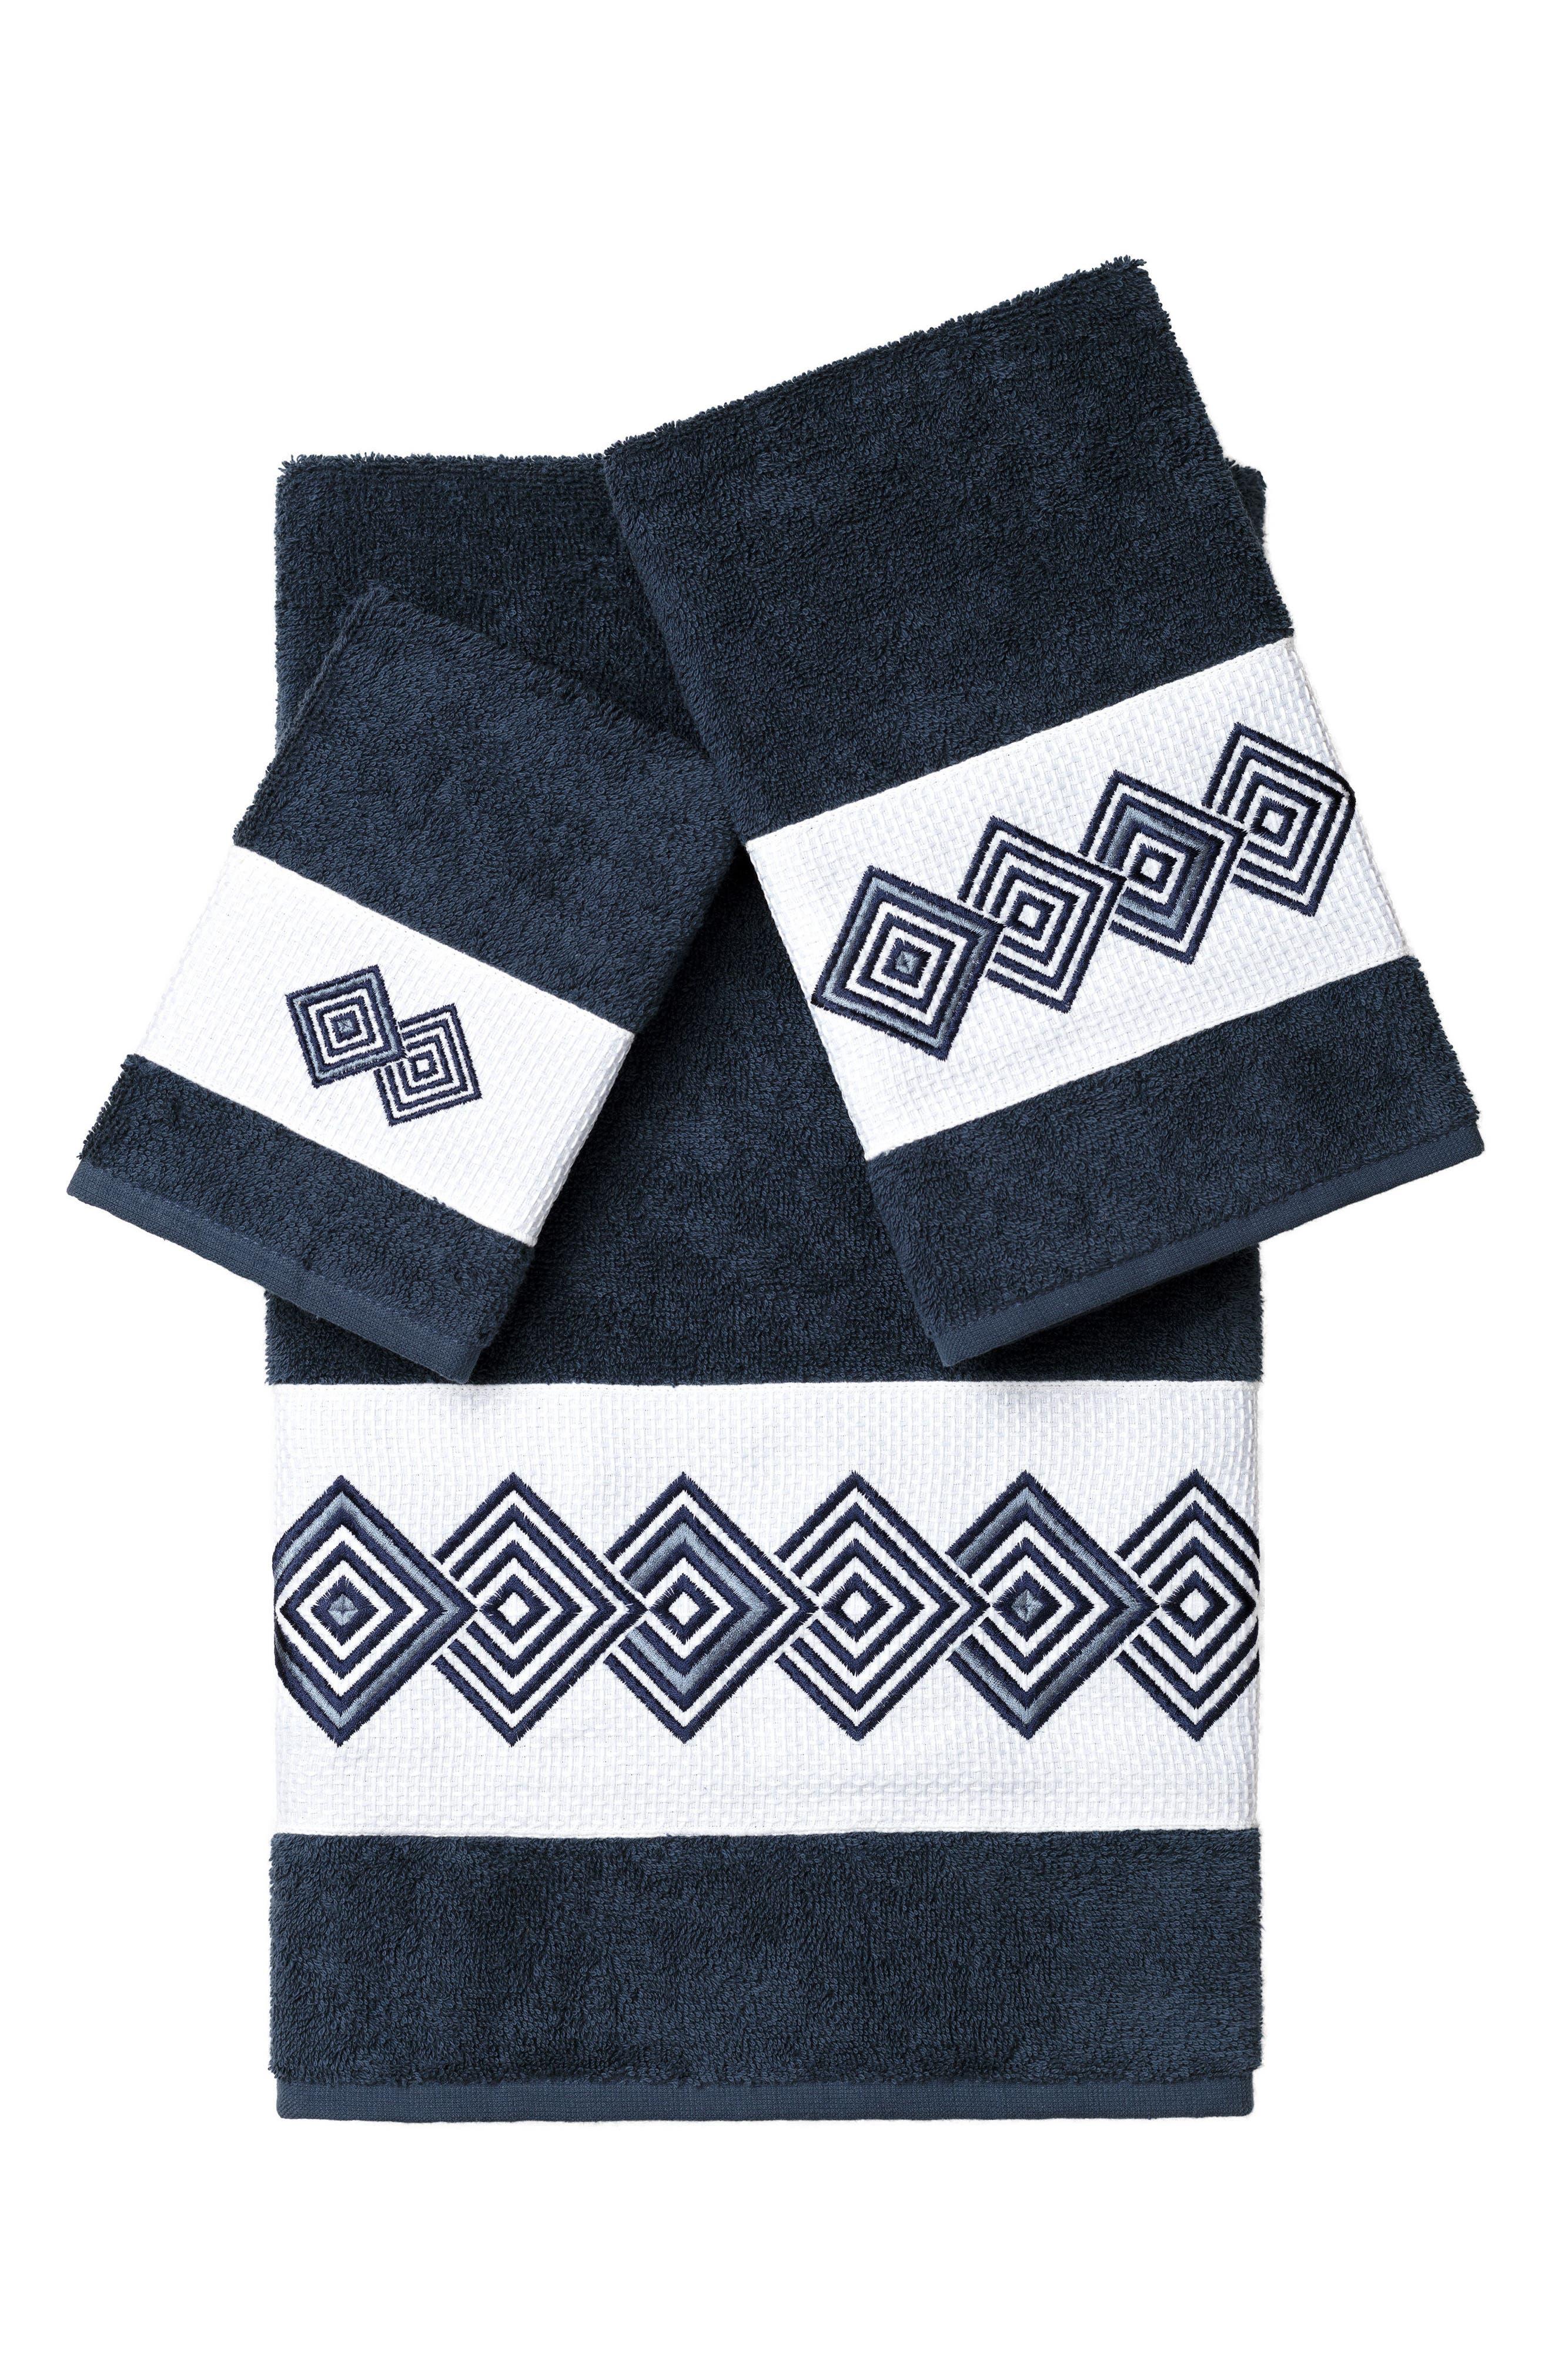 Linum Home Textiles Noah 3-Piece Turkish Cotton Towel Set